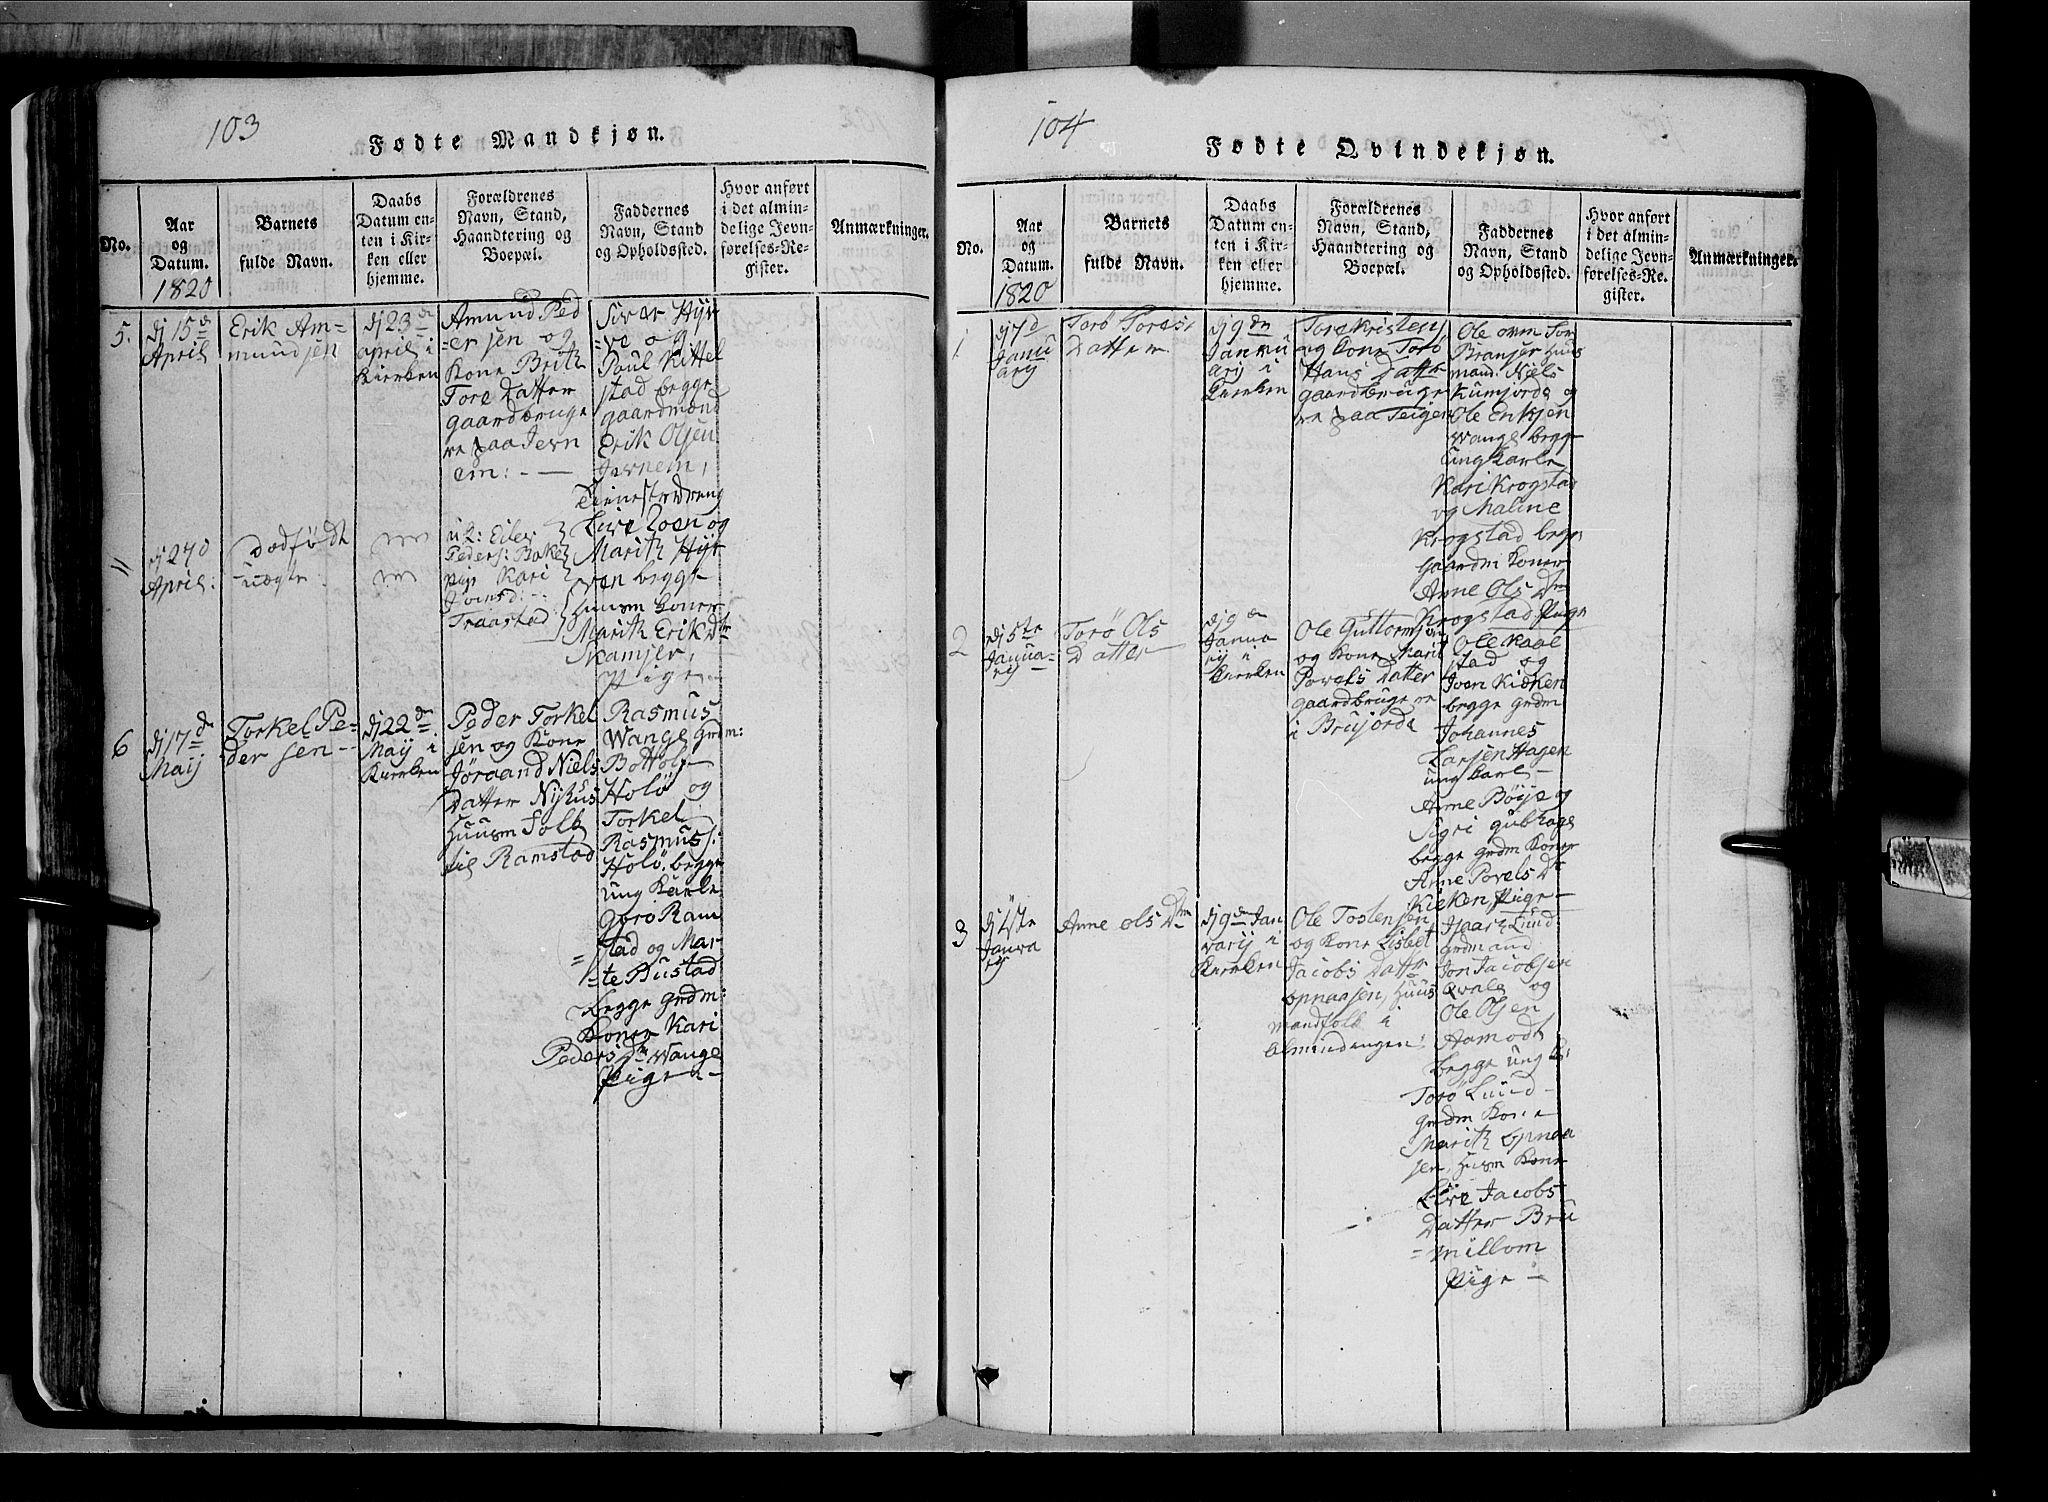 SAH, Lom prestekontor, L/L0003: Klokkerbok nr. 3, 1815-1844, s. 103-104